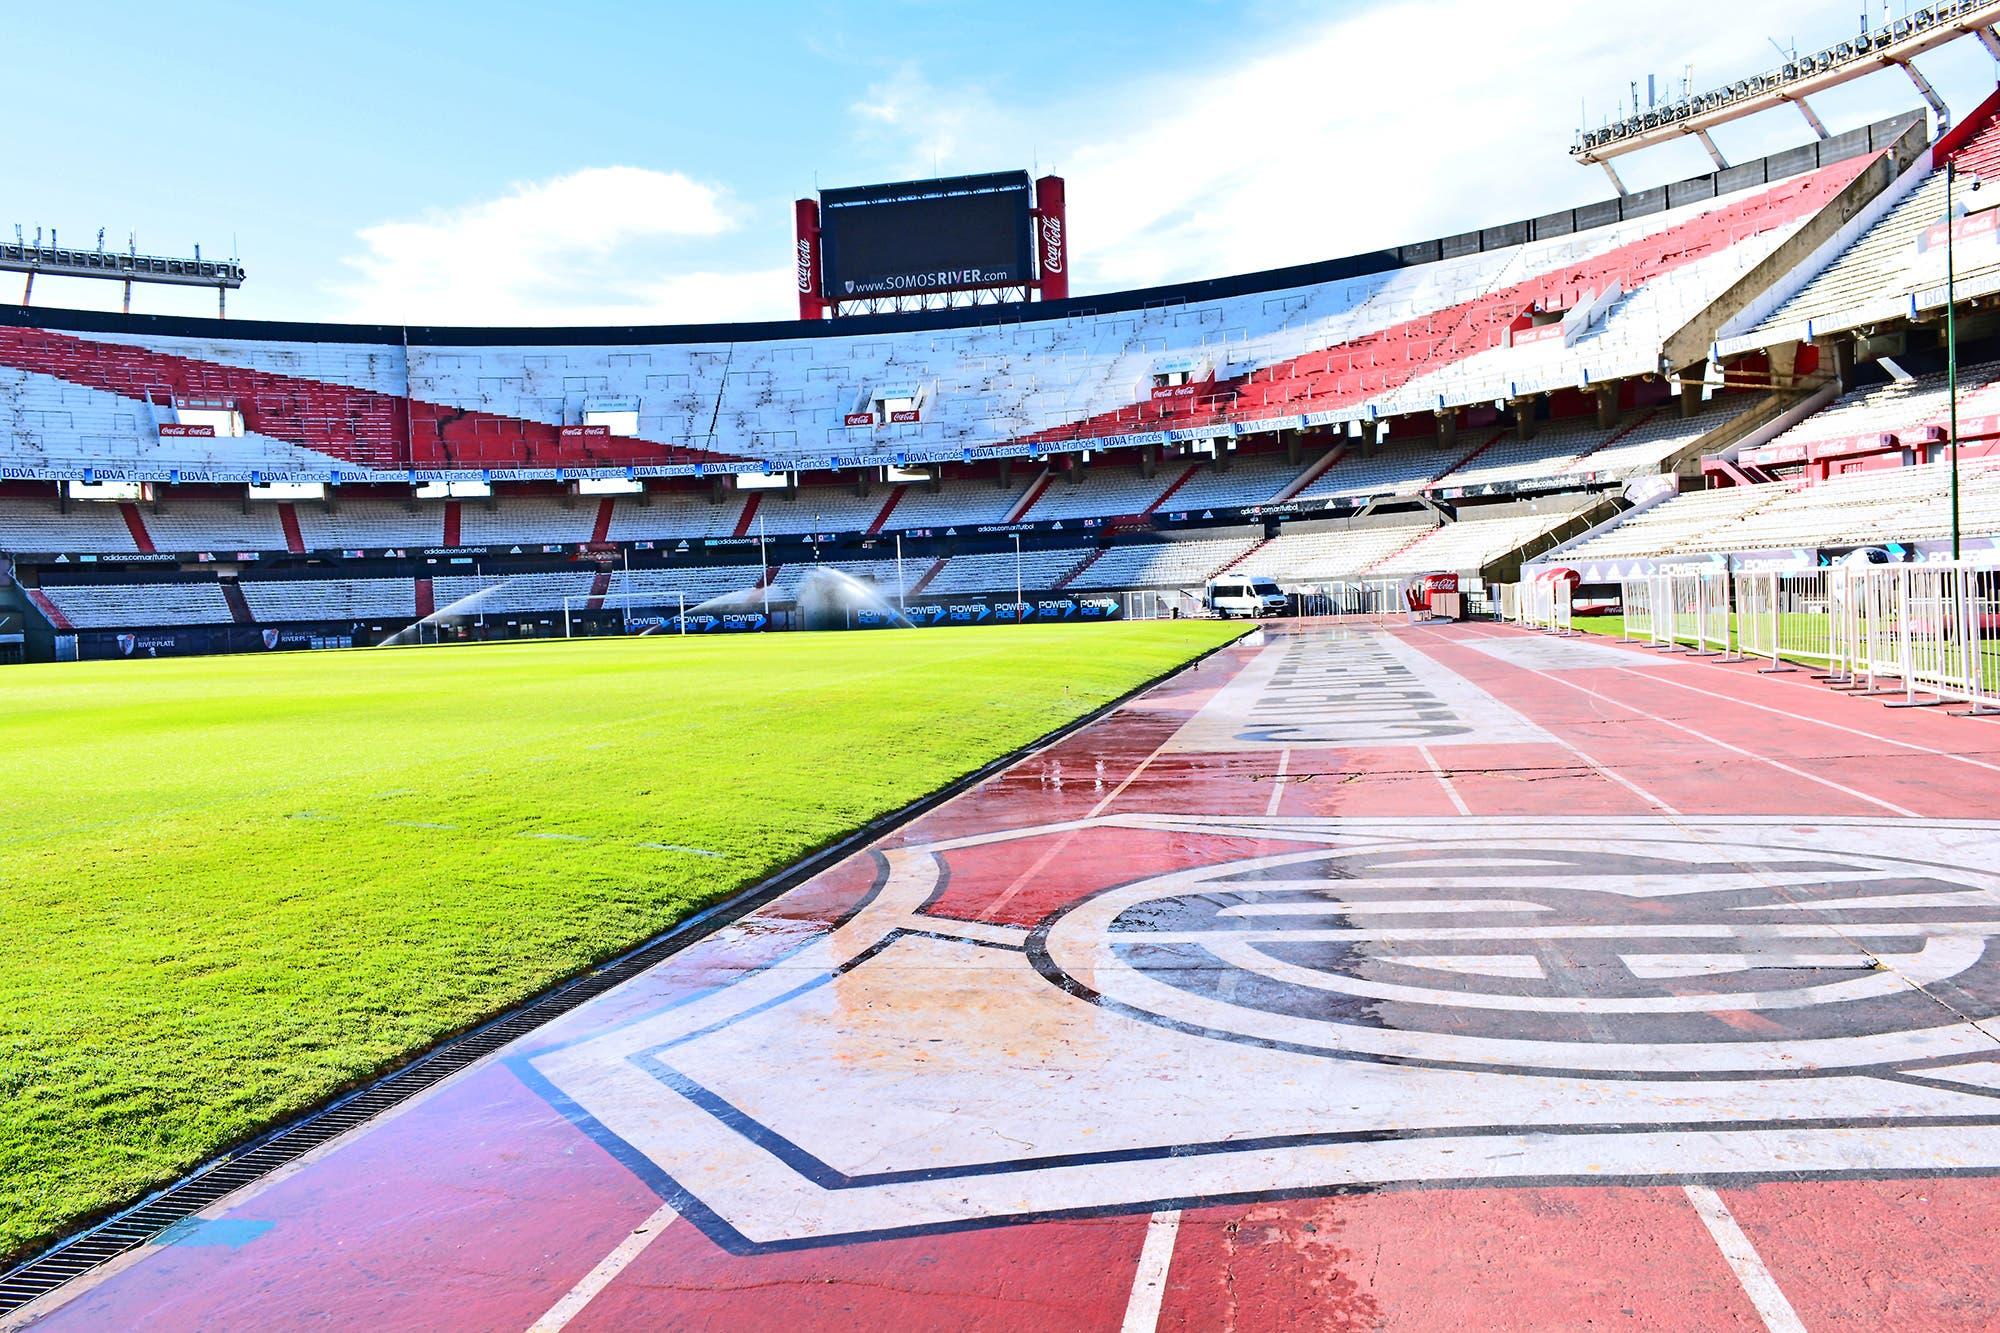 River cambia el campo de juego, elimina la pista de atletismo y no jugará en el Monumental por el resto del año: los detalles del plan de remodelación